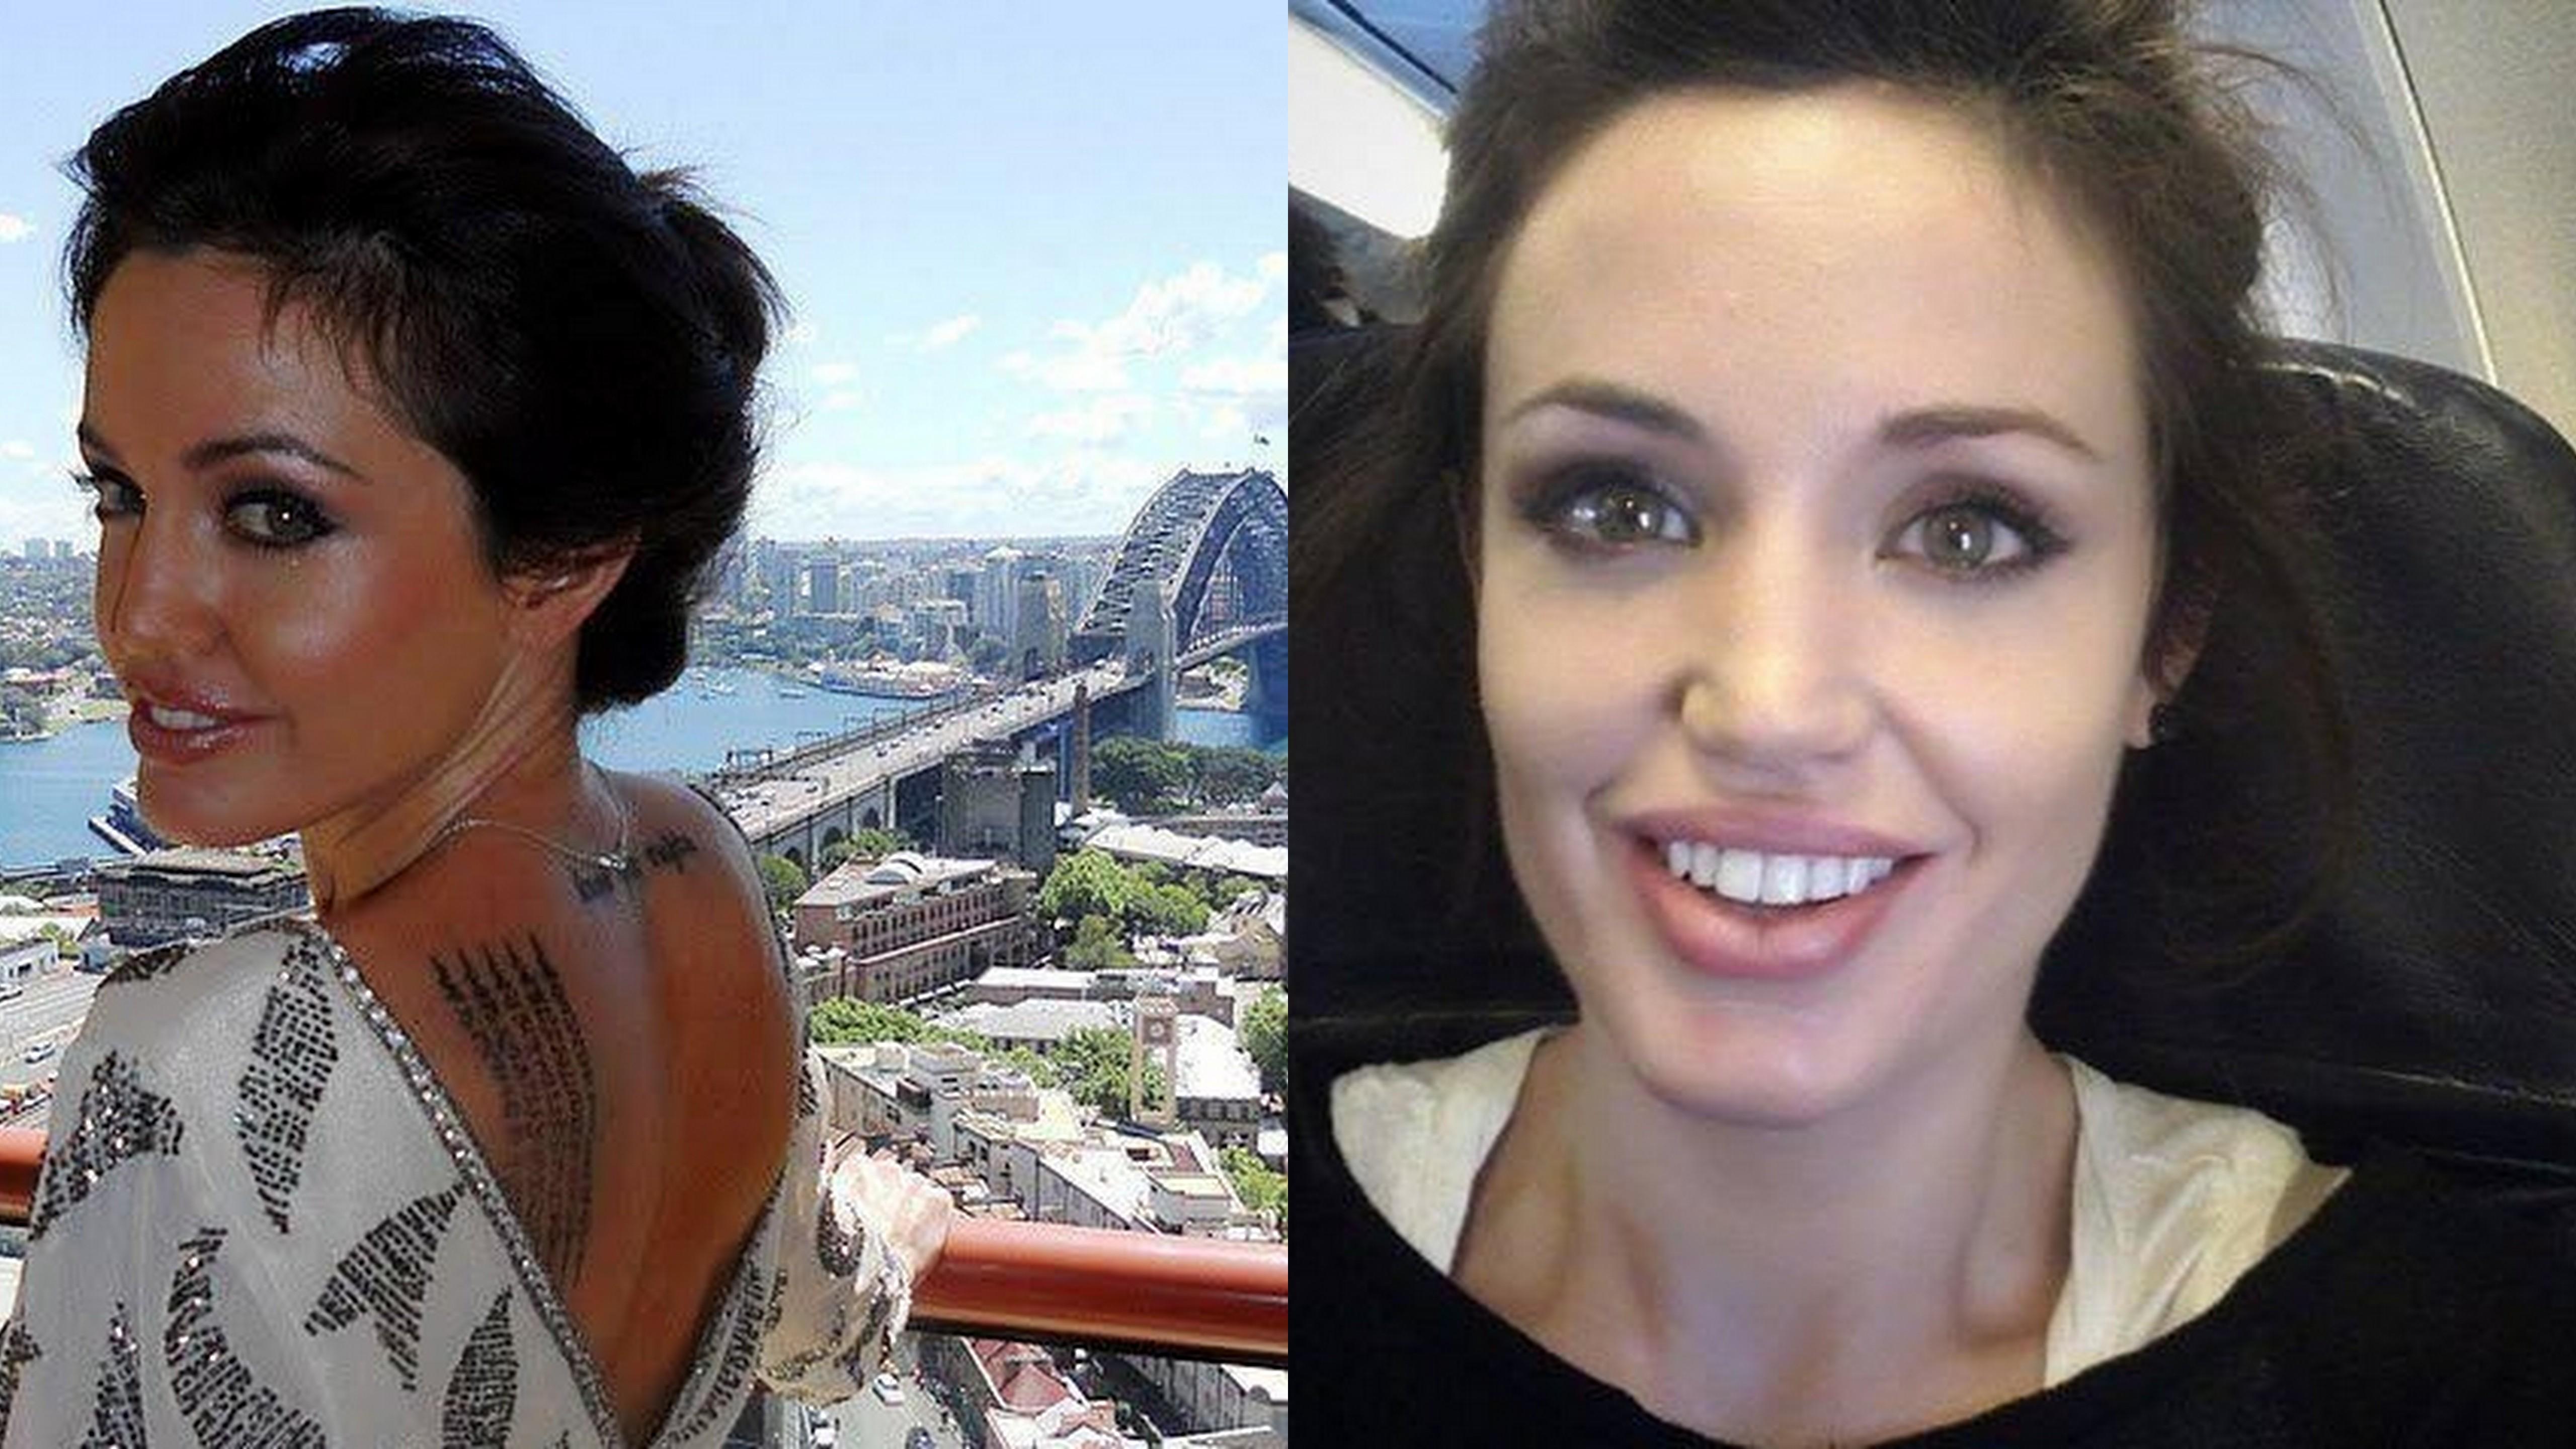 Кожній країні по Анджеліні: Як виглядають двійники Анджеліни Джолі - фото 6